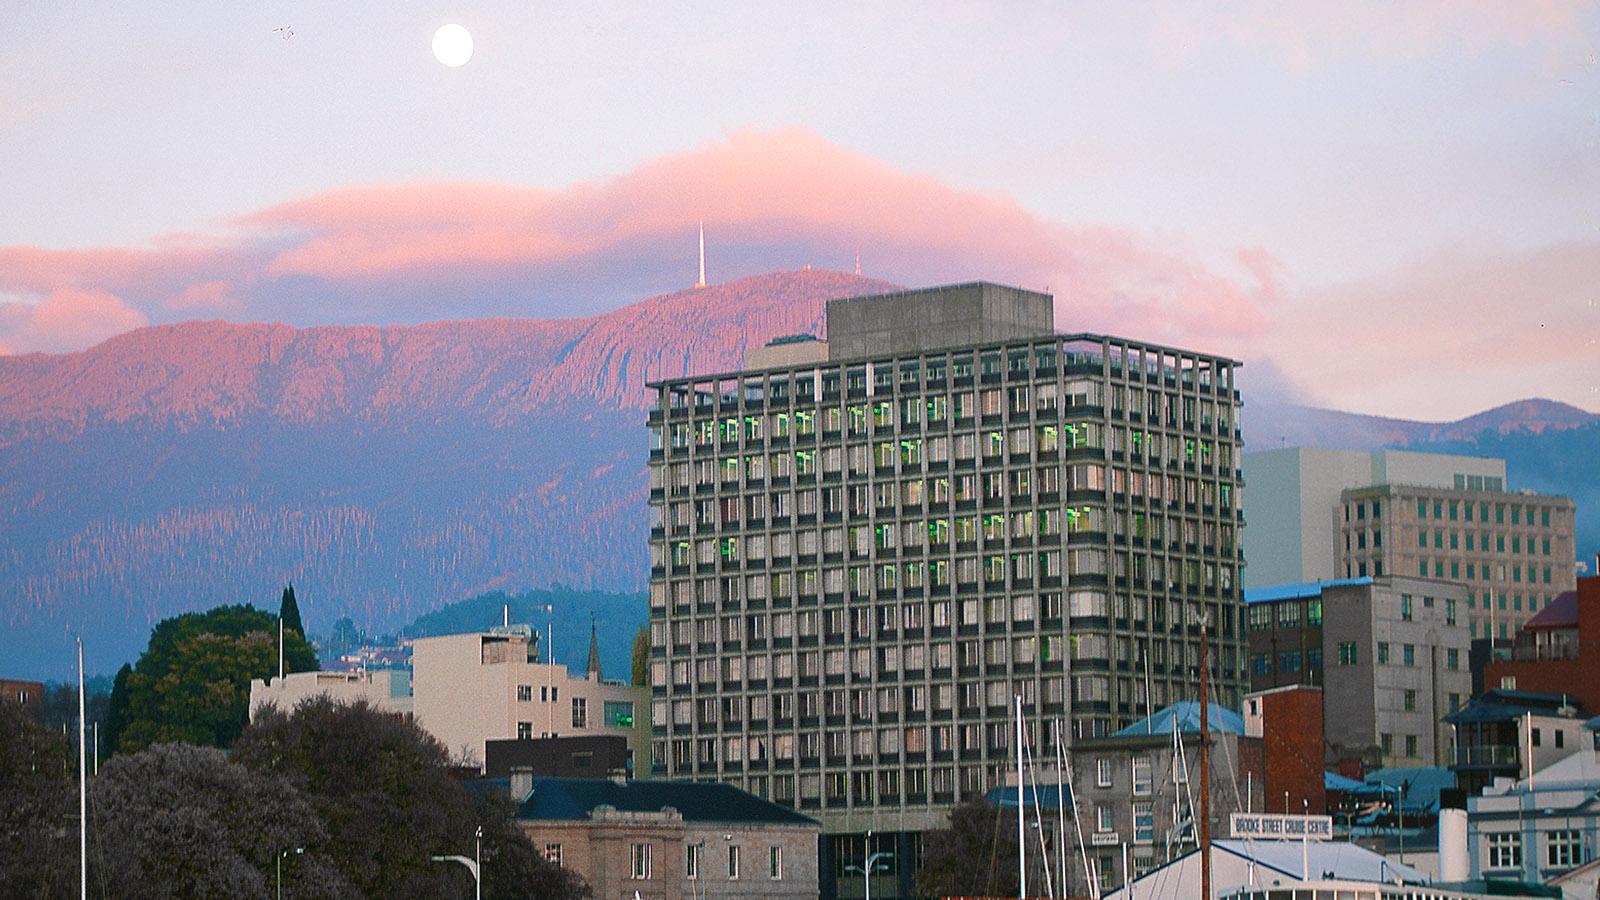 Hobart, Blick vom Hafen auf die Innenstadt und Mount Wellinton. Foto: Hilke Maunder